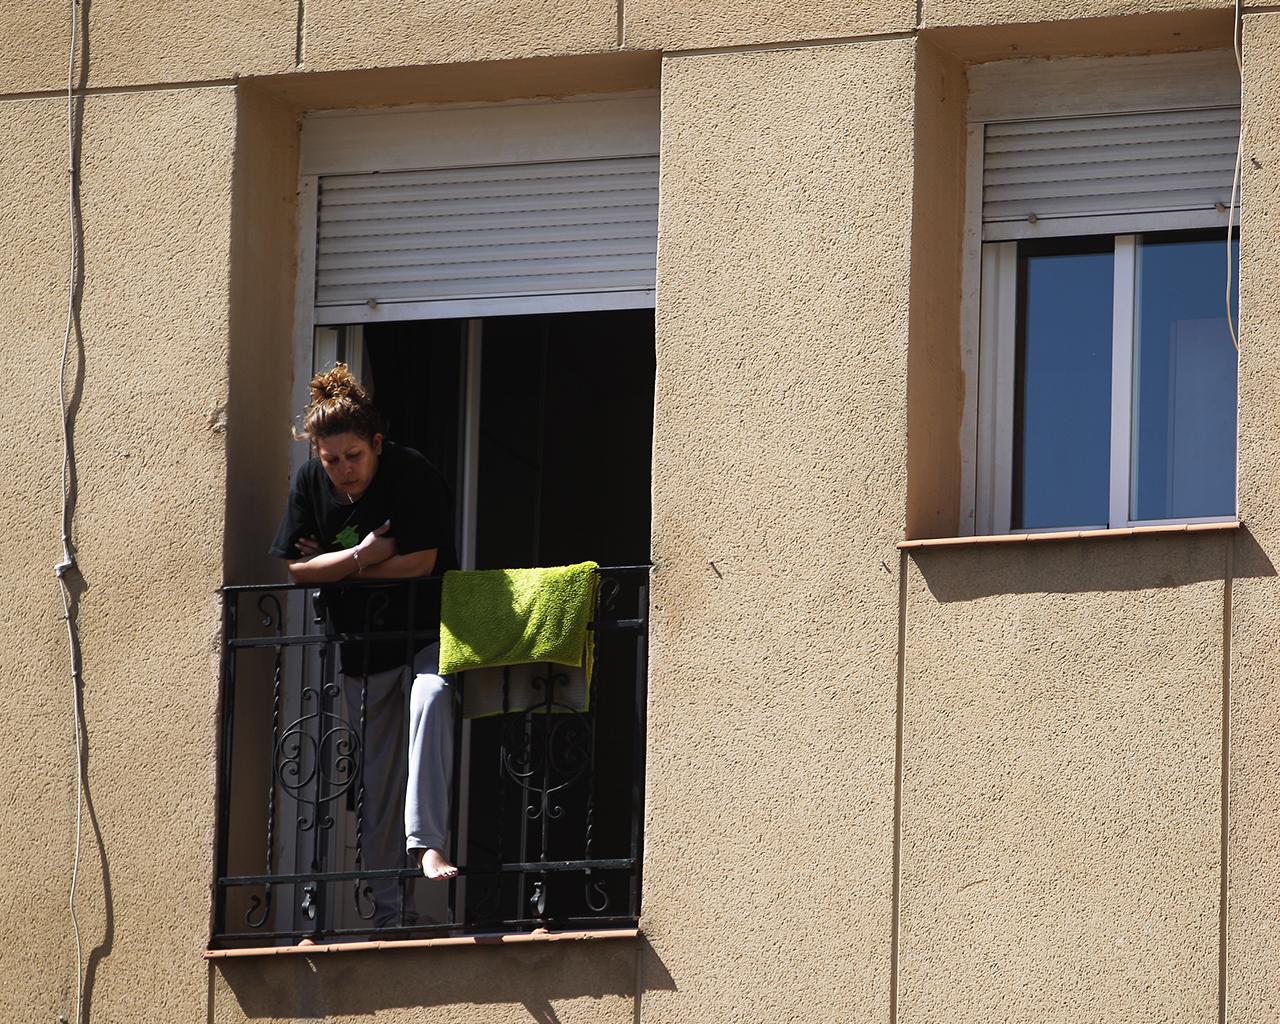 Una mujer observa desde su balcón, en Madrid. 26/03/2020.